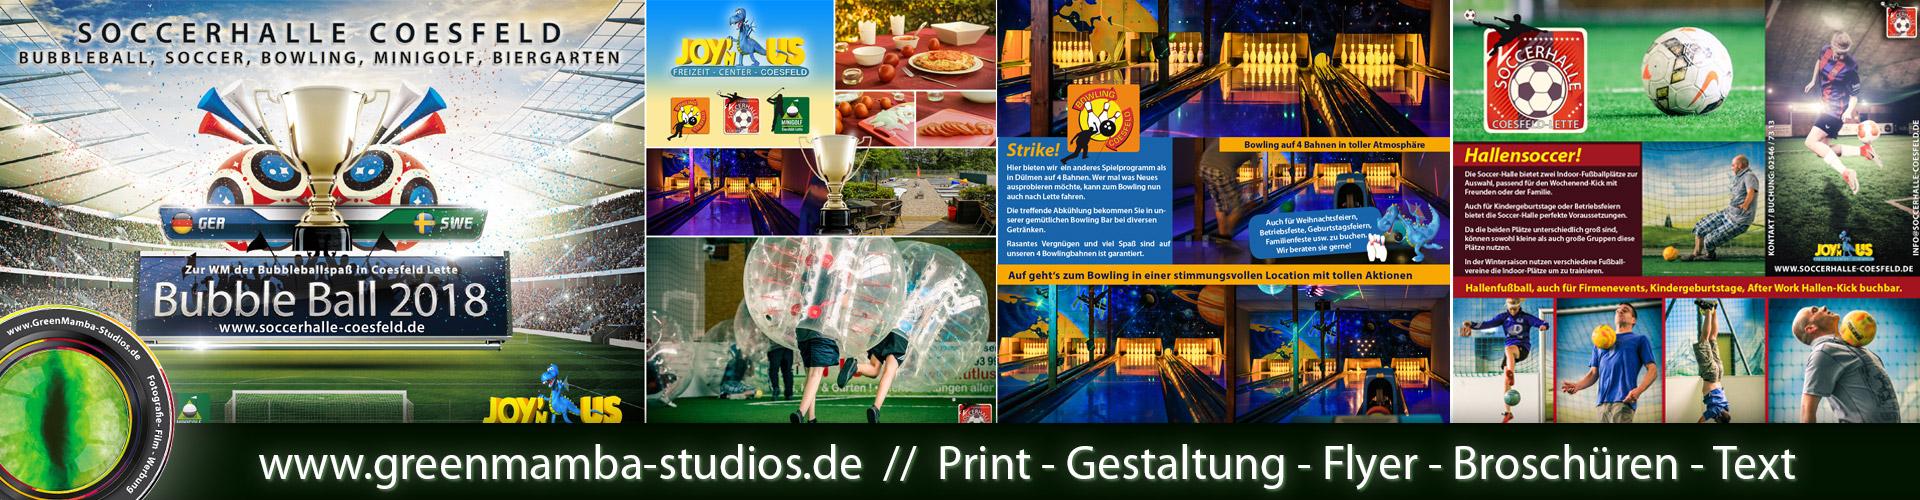 Printwerbung, Flyergestaltung und Fotografie. Greenmamba-Studios